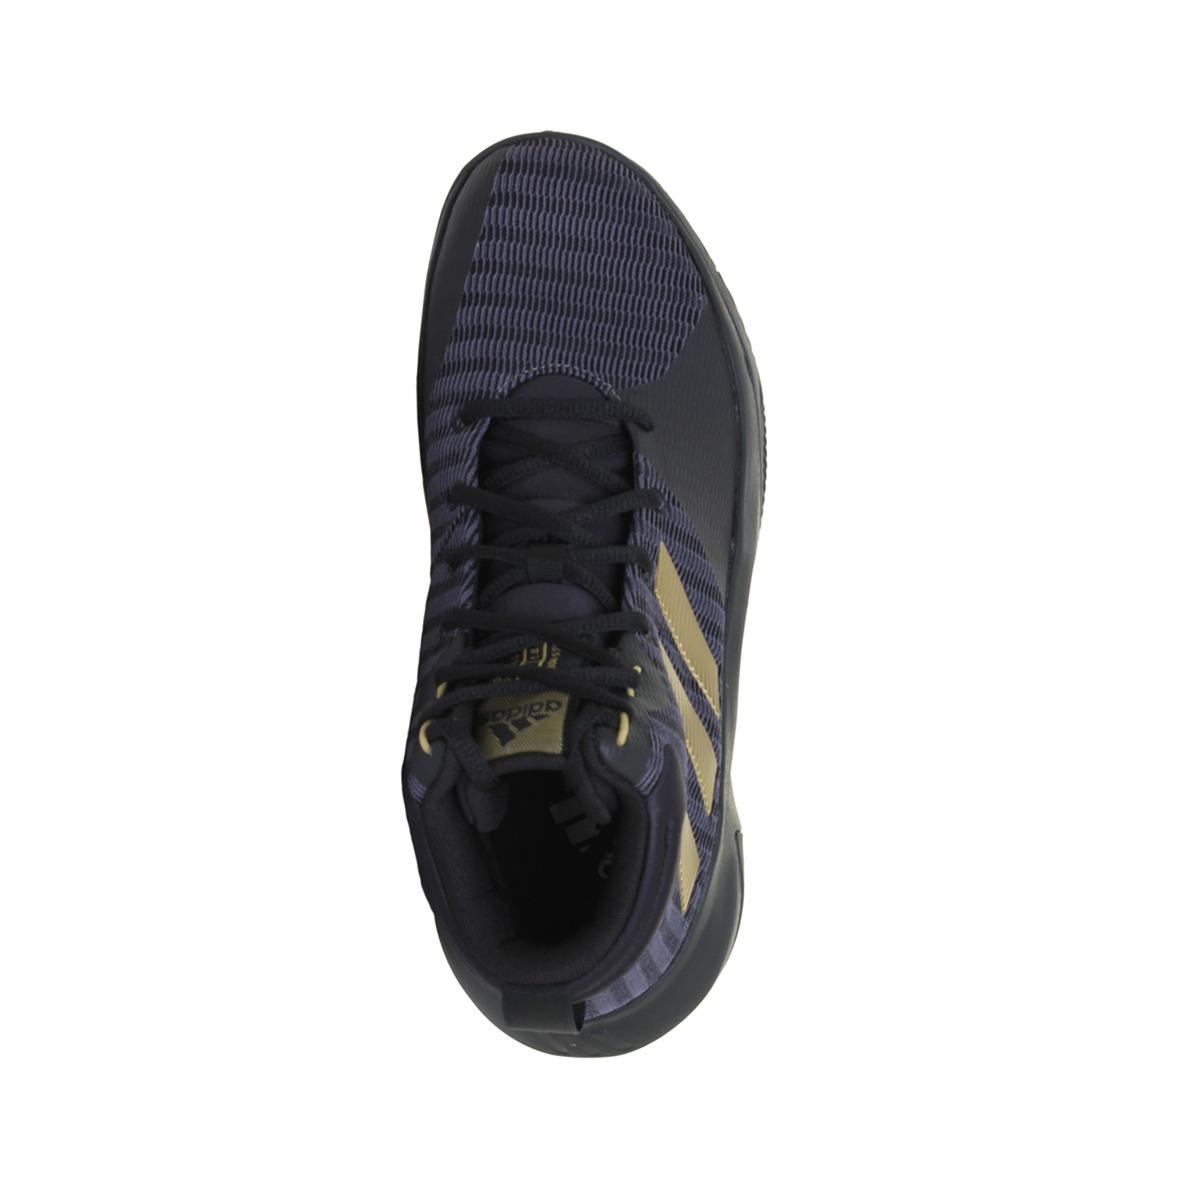 ccd9292a26c4 botas adidas basketball pro elevate 2018 hombre ng do. Cargando zoom.